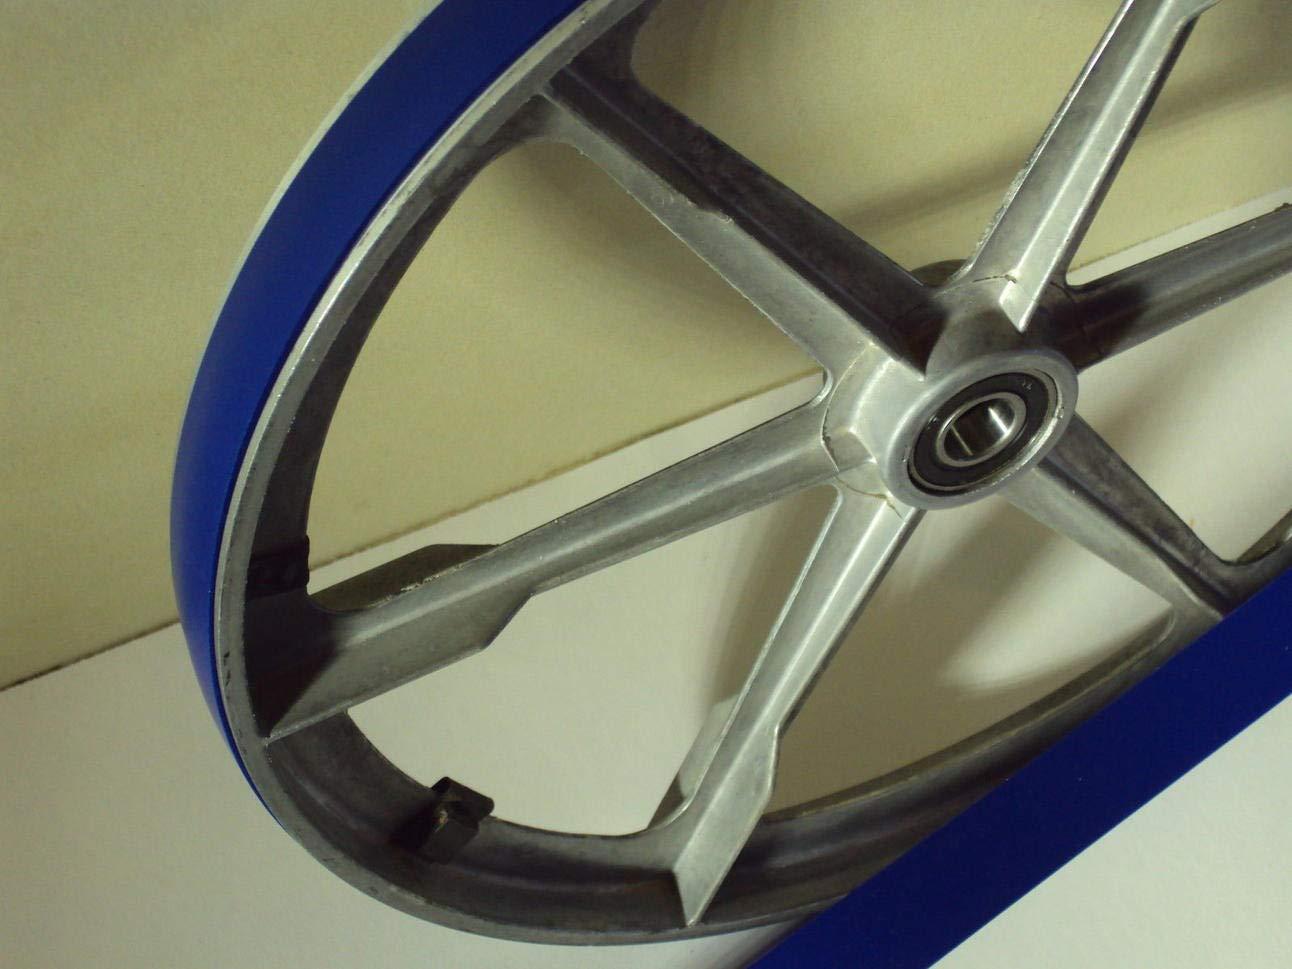 NEW RYOBI K31 V BELT FOR RYOBI DRILL PRESS